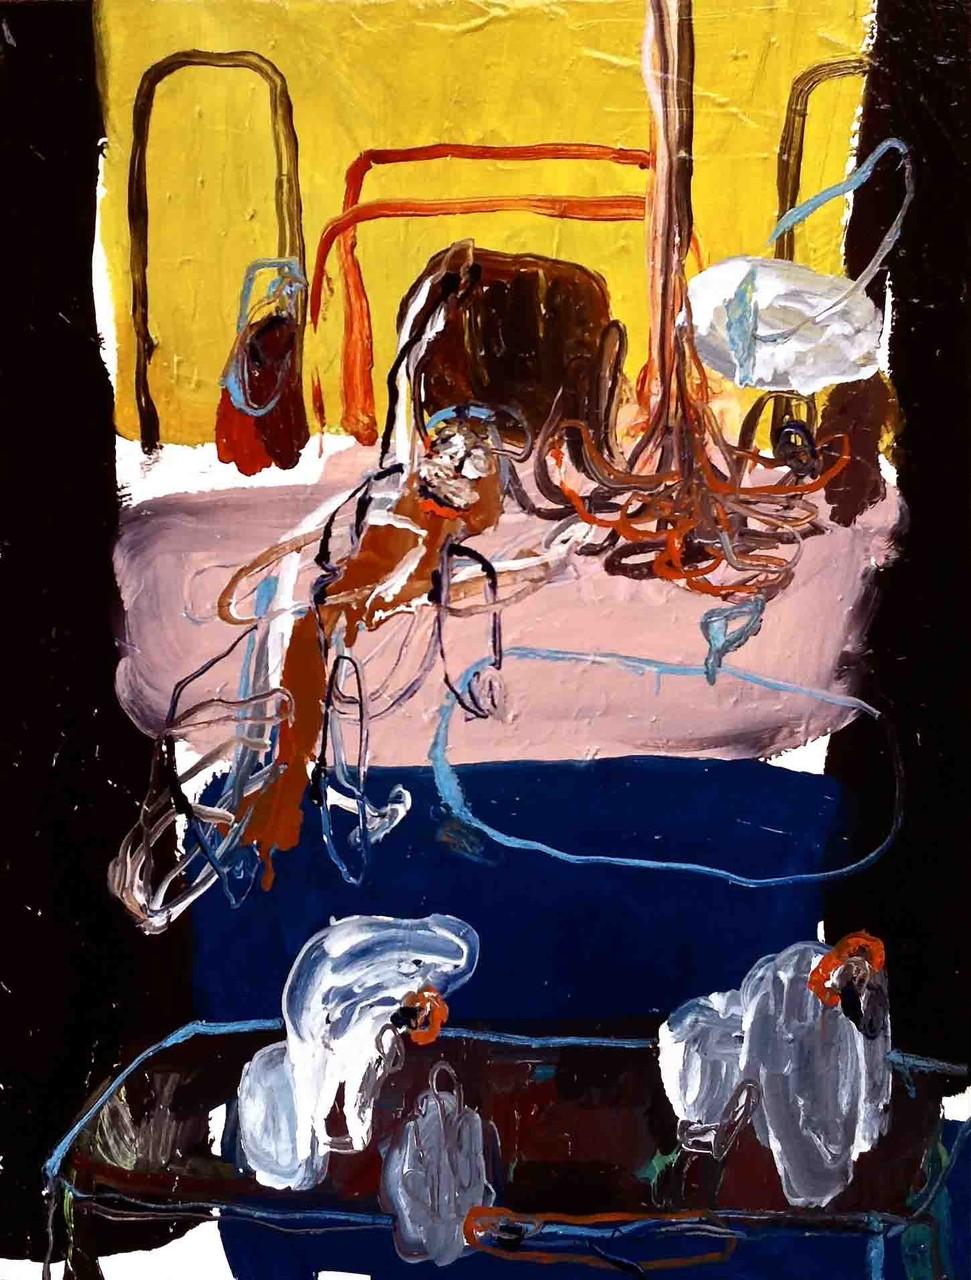 No title, tecnica mista su tela cm 46x55, 2014